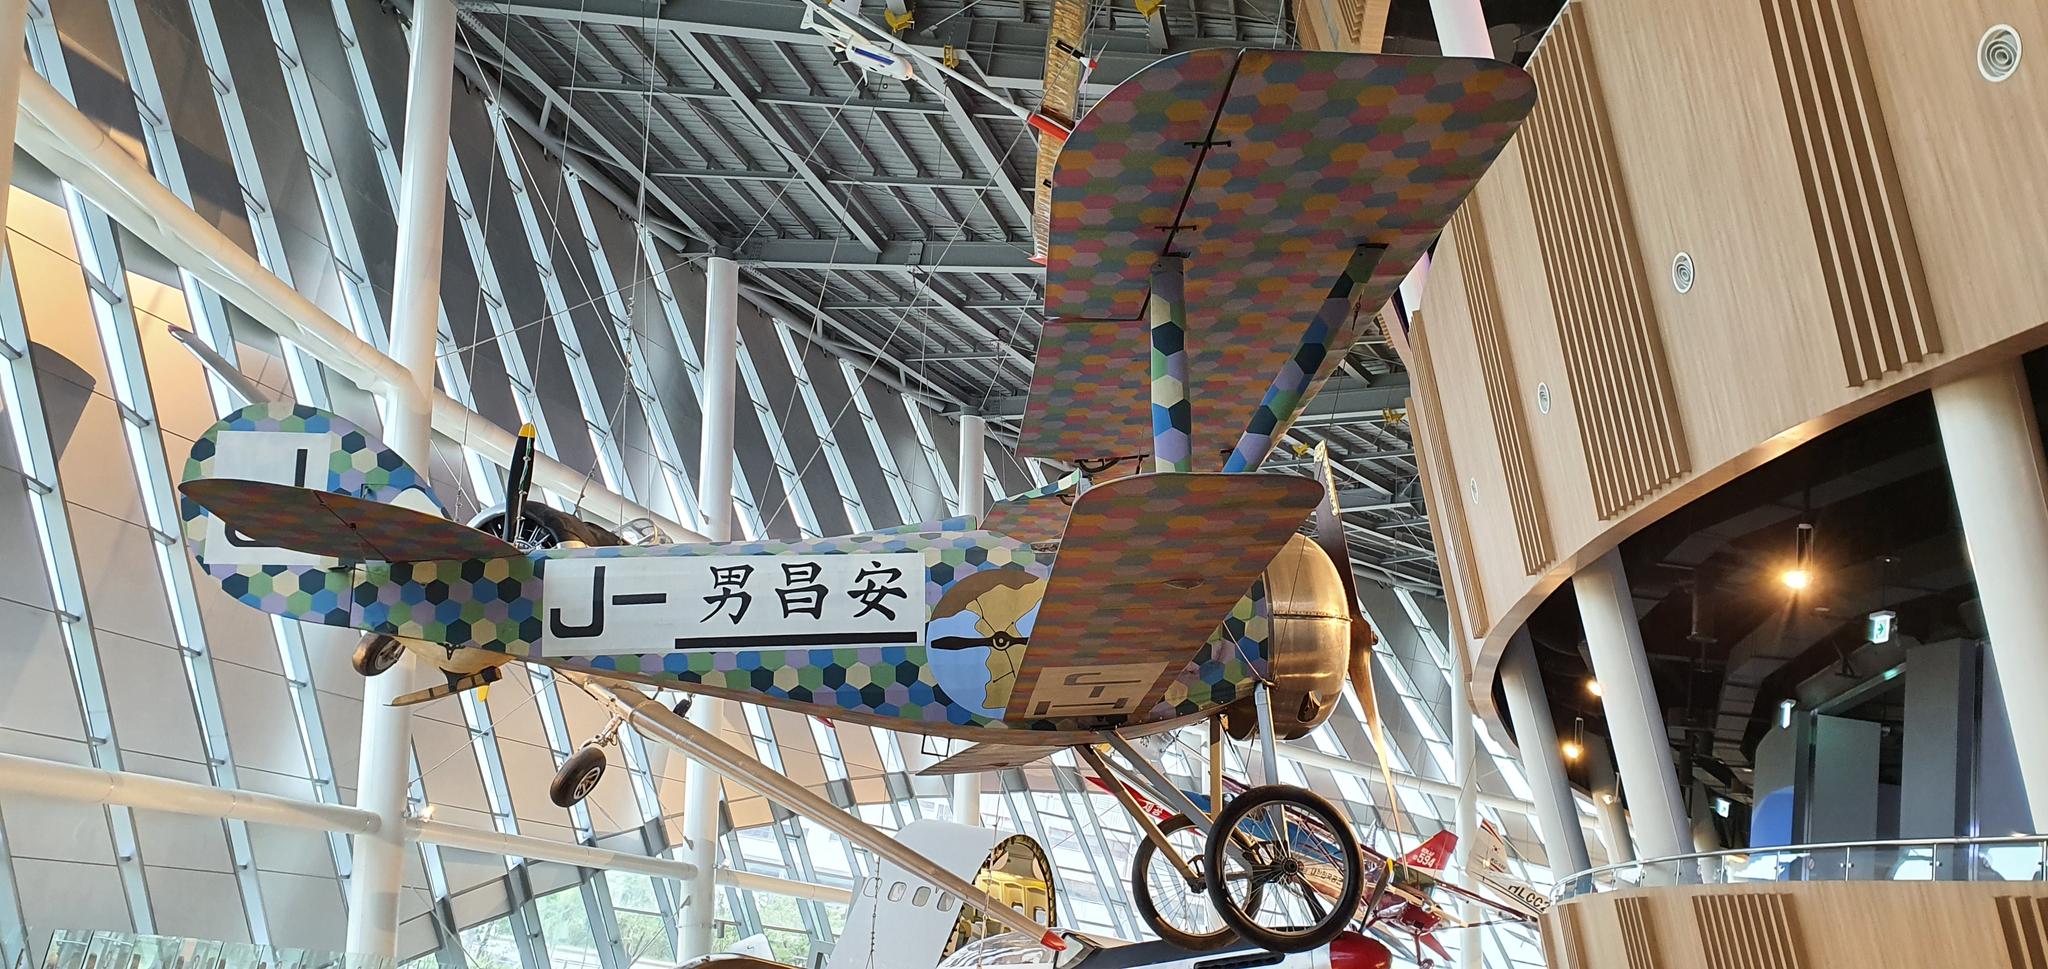 국립항공박물관에 전시돼 있는 안창남의 '금강호'. [사진 국립항공박물관]